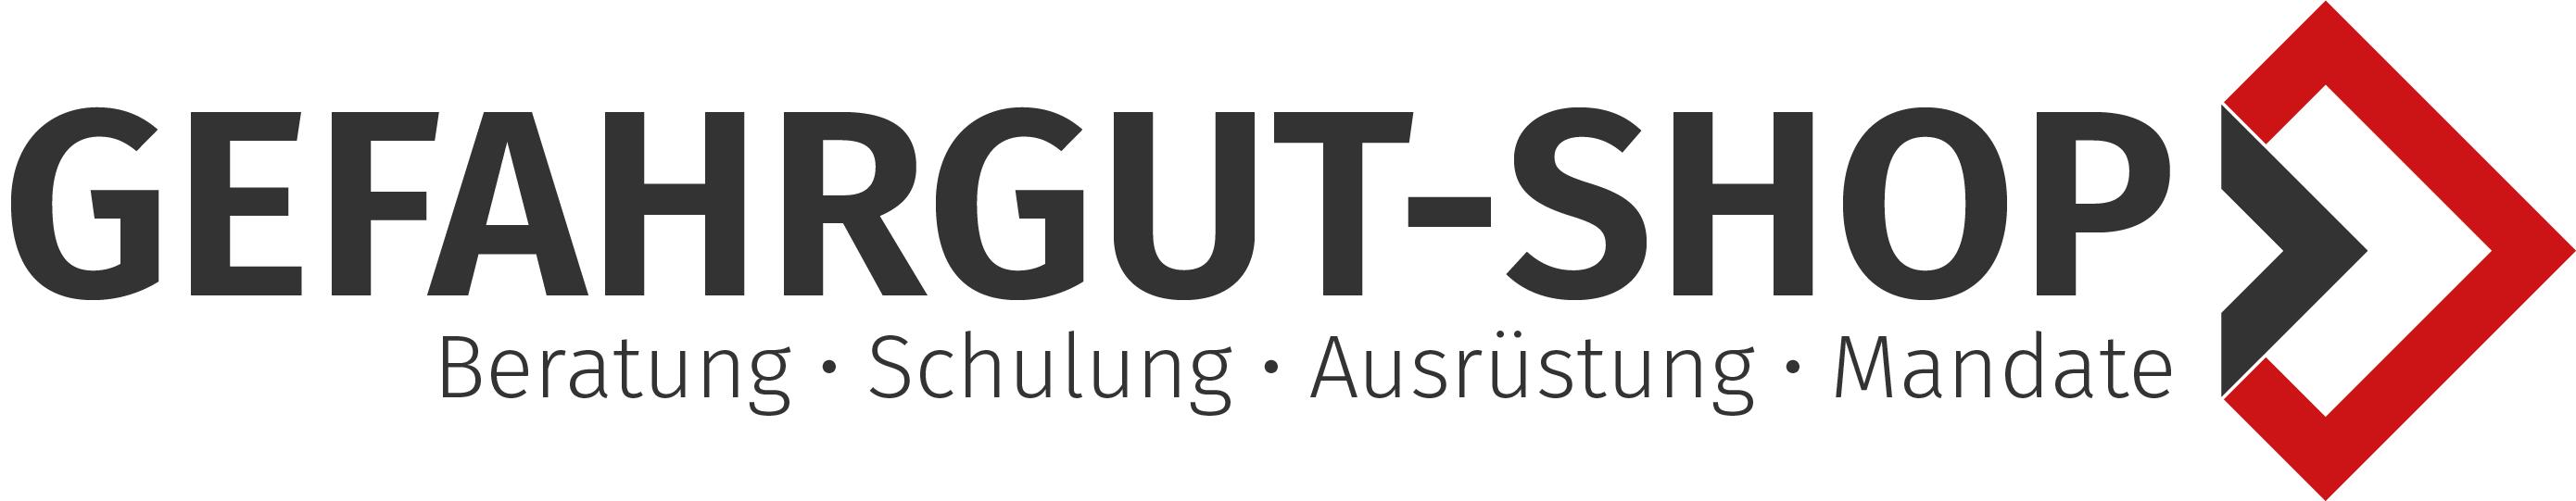 text-und-logo-gefahrgut-shop-new